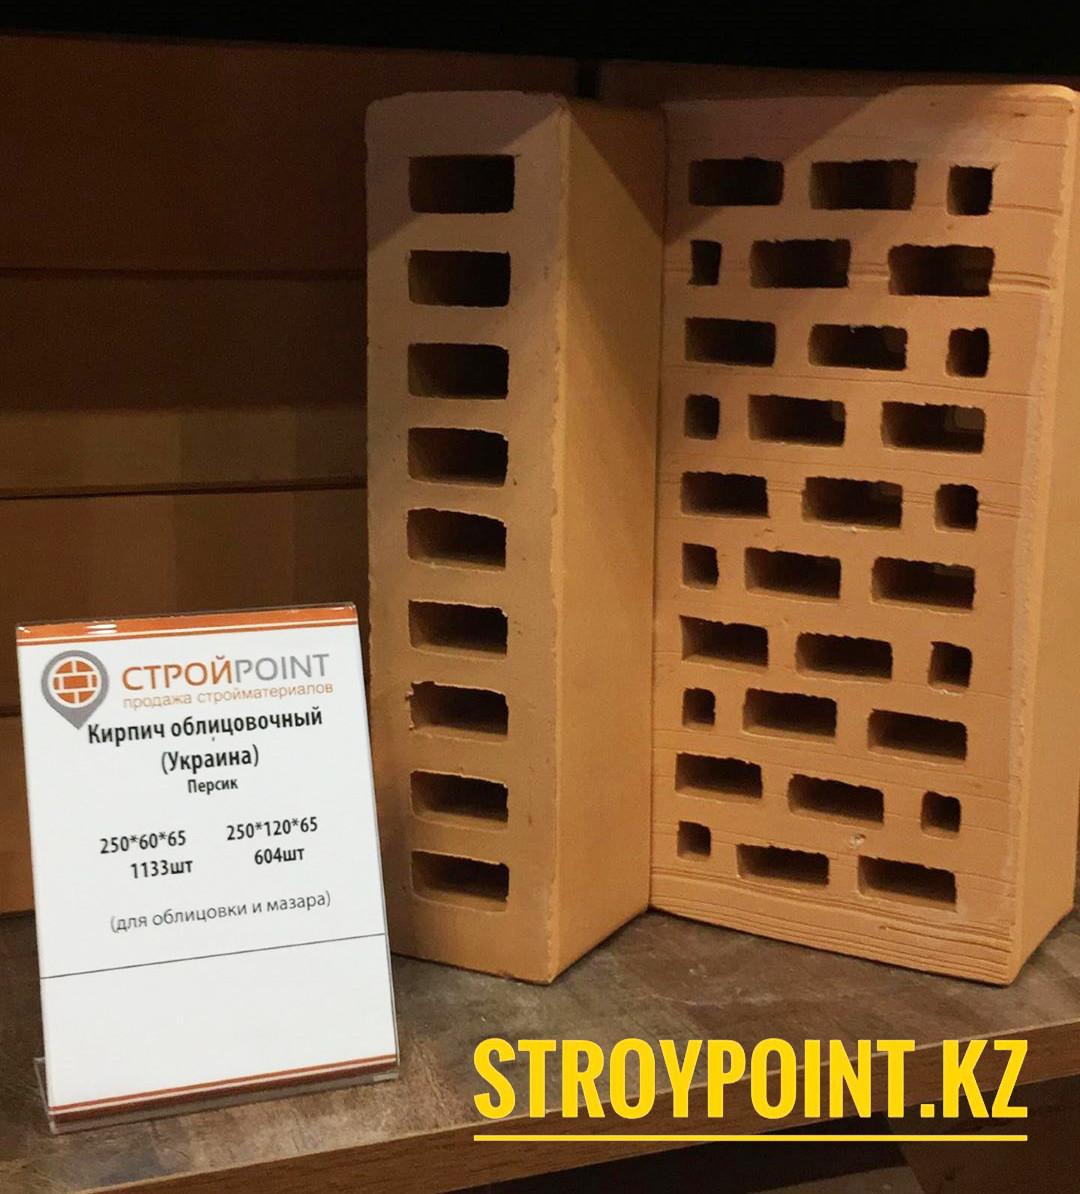 Кирпич облицовочный персик СБК (Украина)